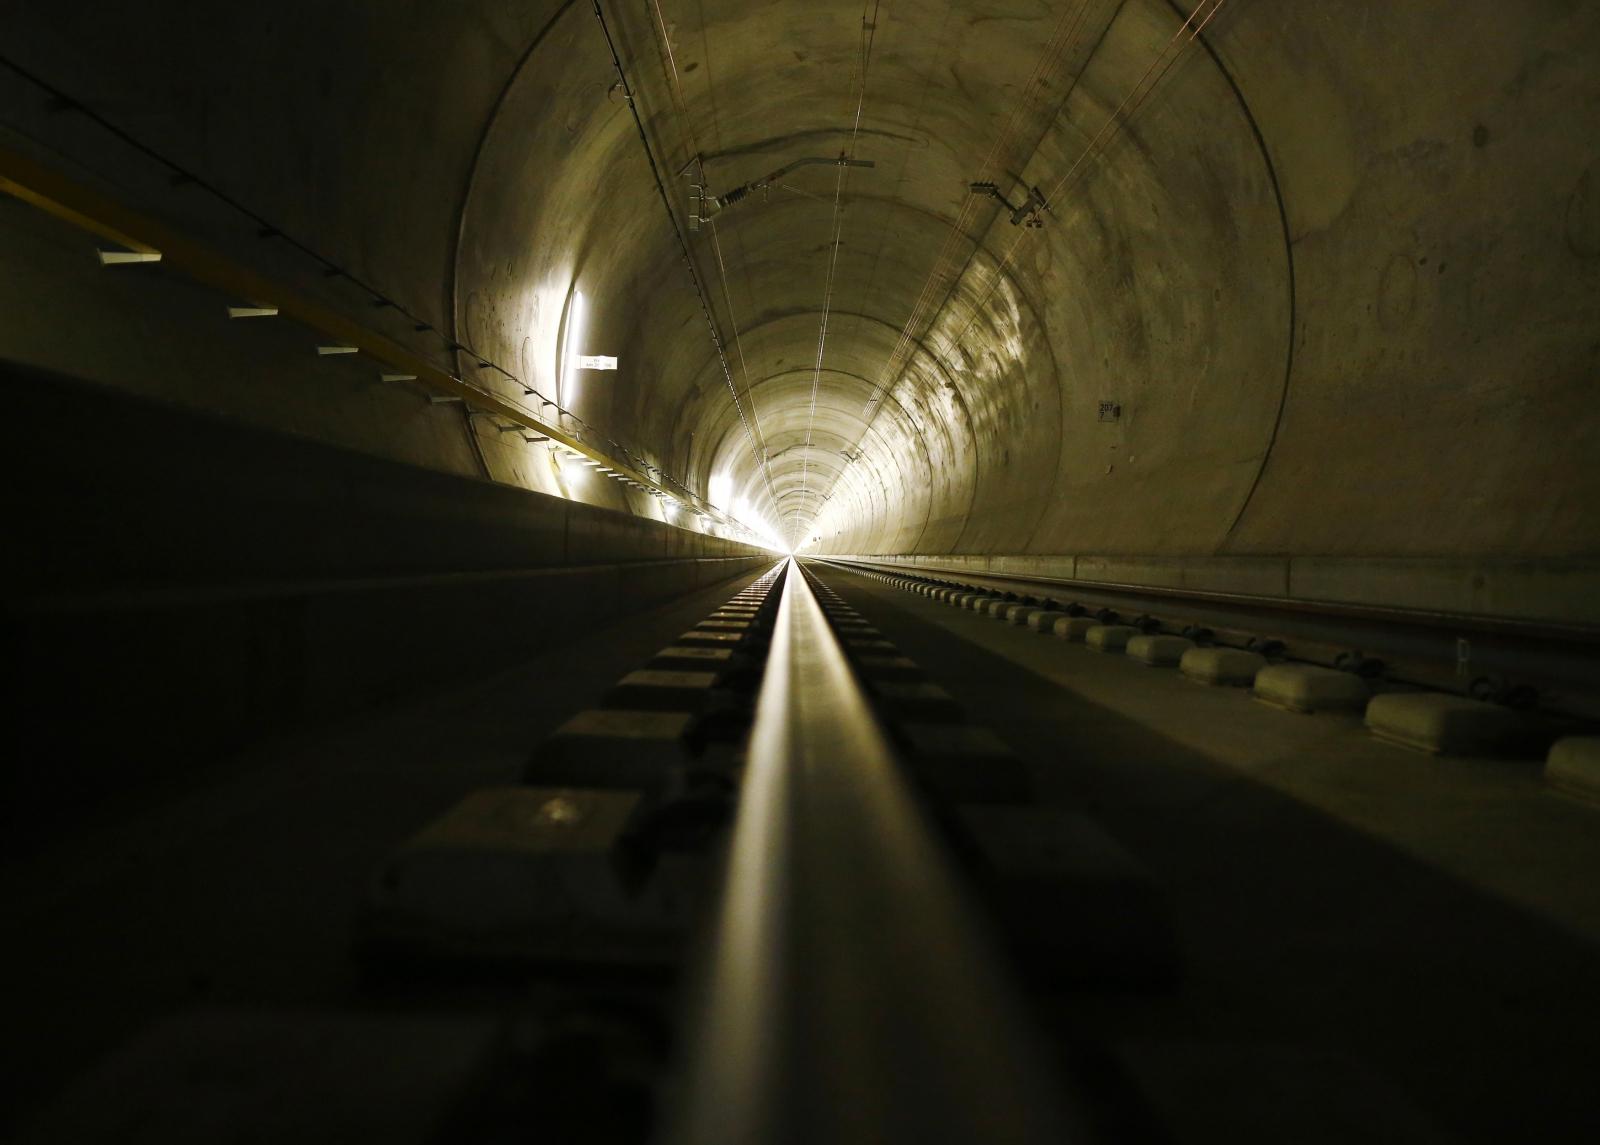 Watch Swiss Build Worlds Longest Tunnel video